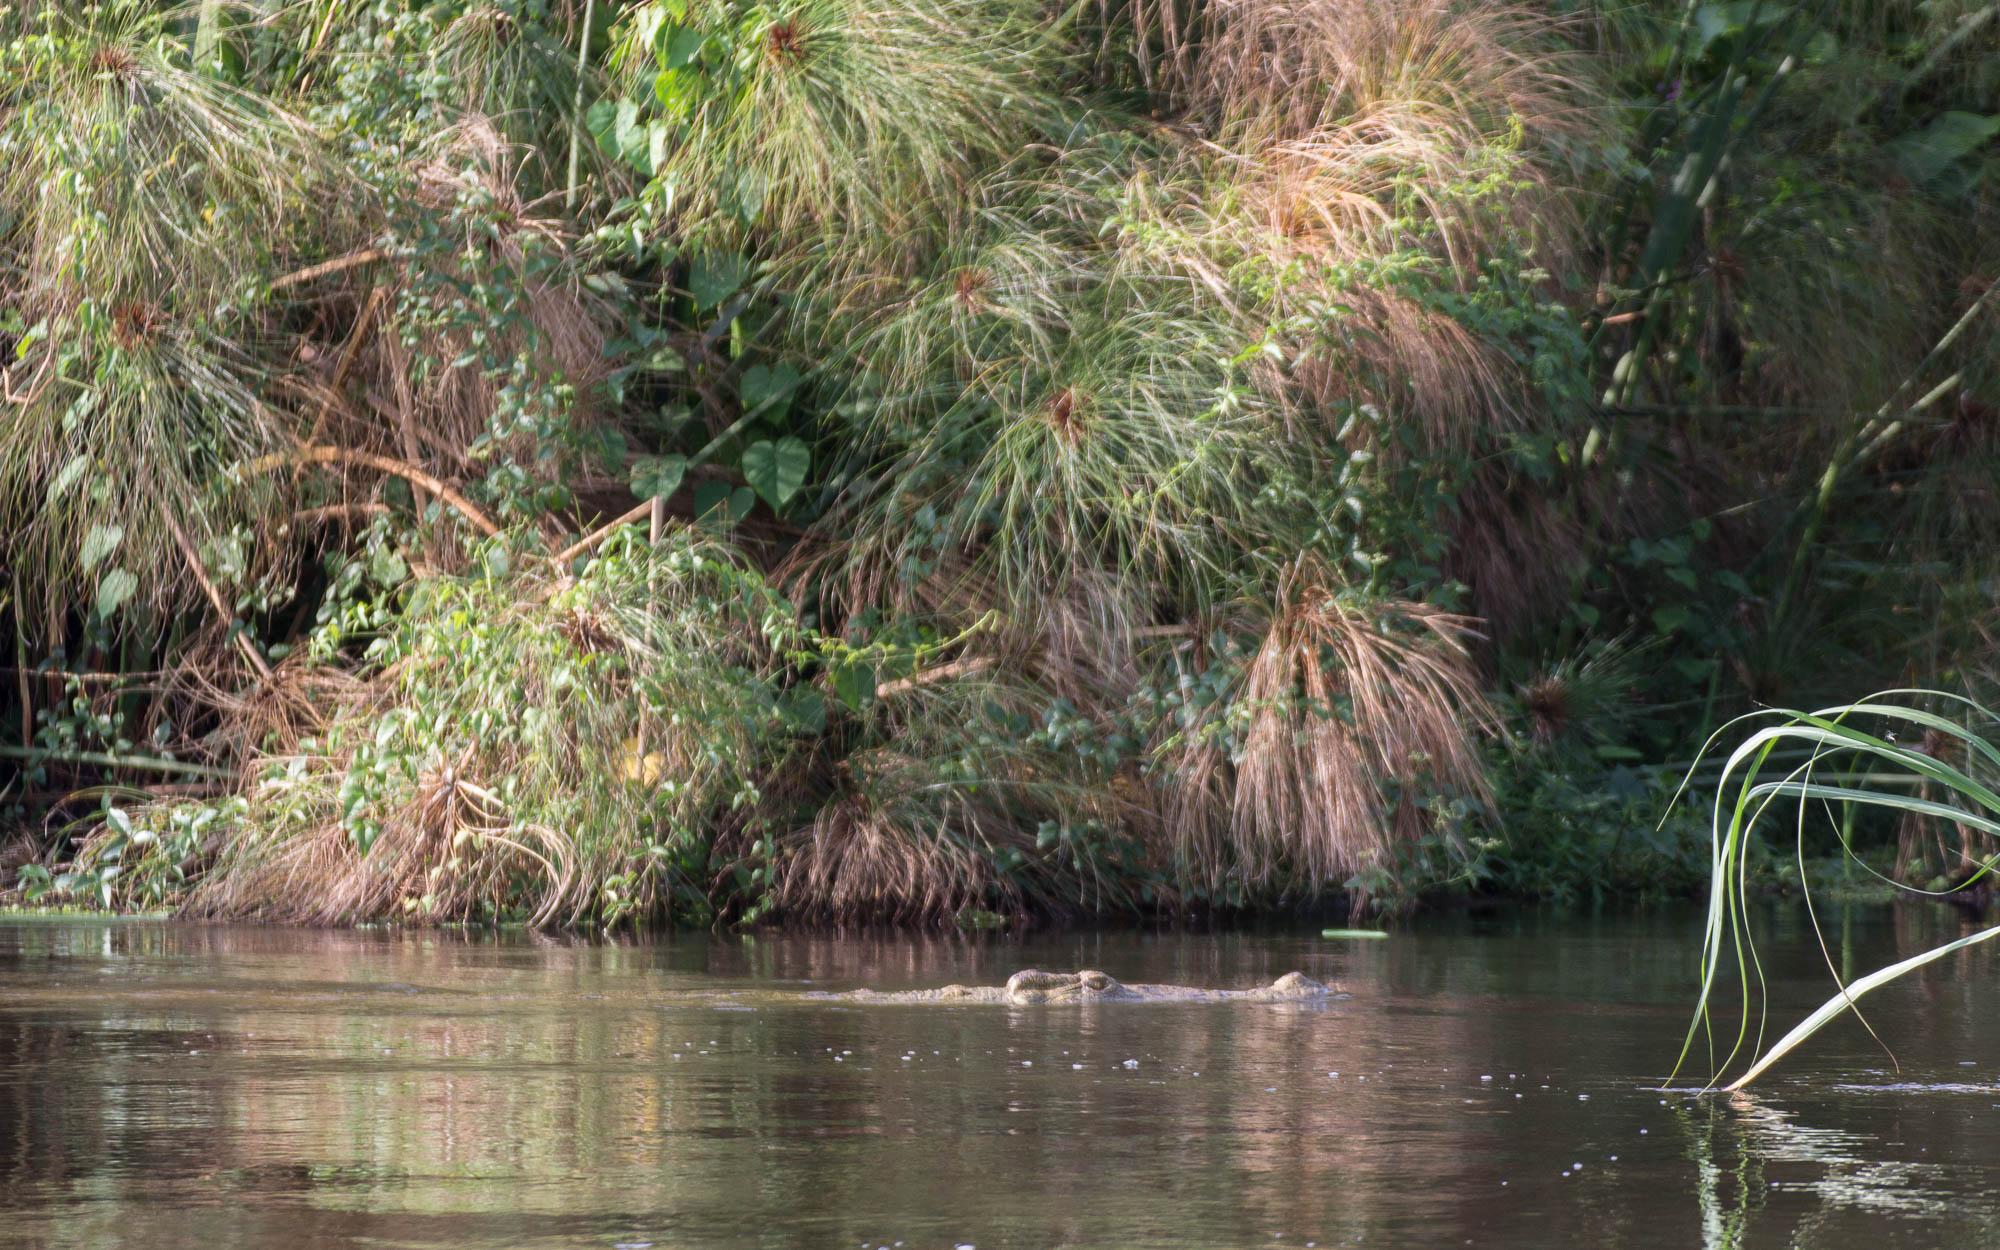 Ein großes Nil-Krokodil